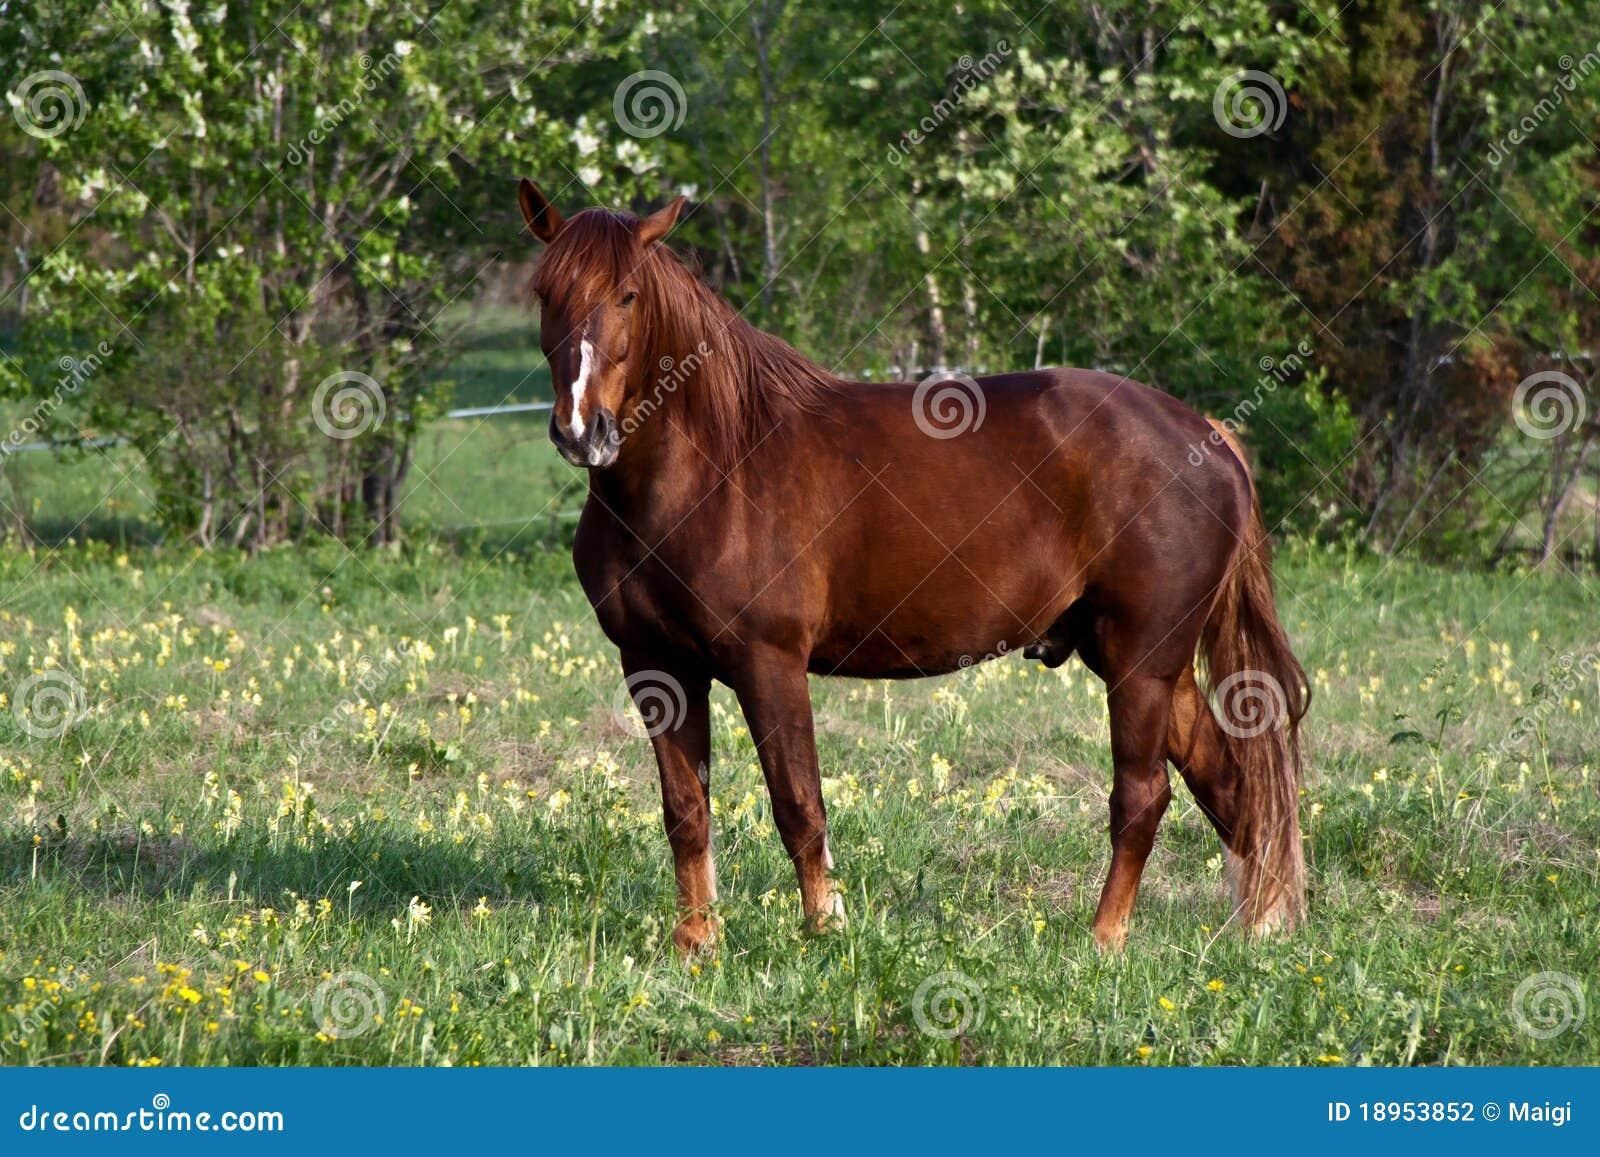 Chestnut Horse Stock Photography - Image: 18953852 - photo#49